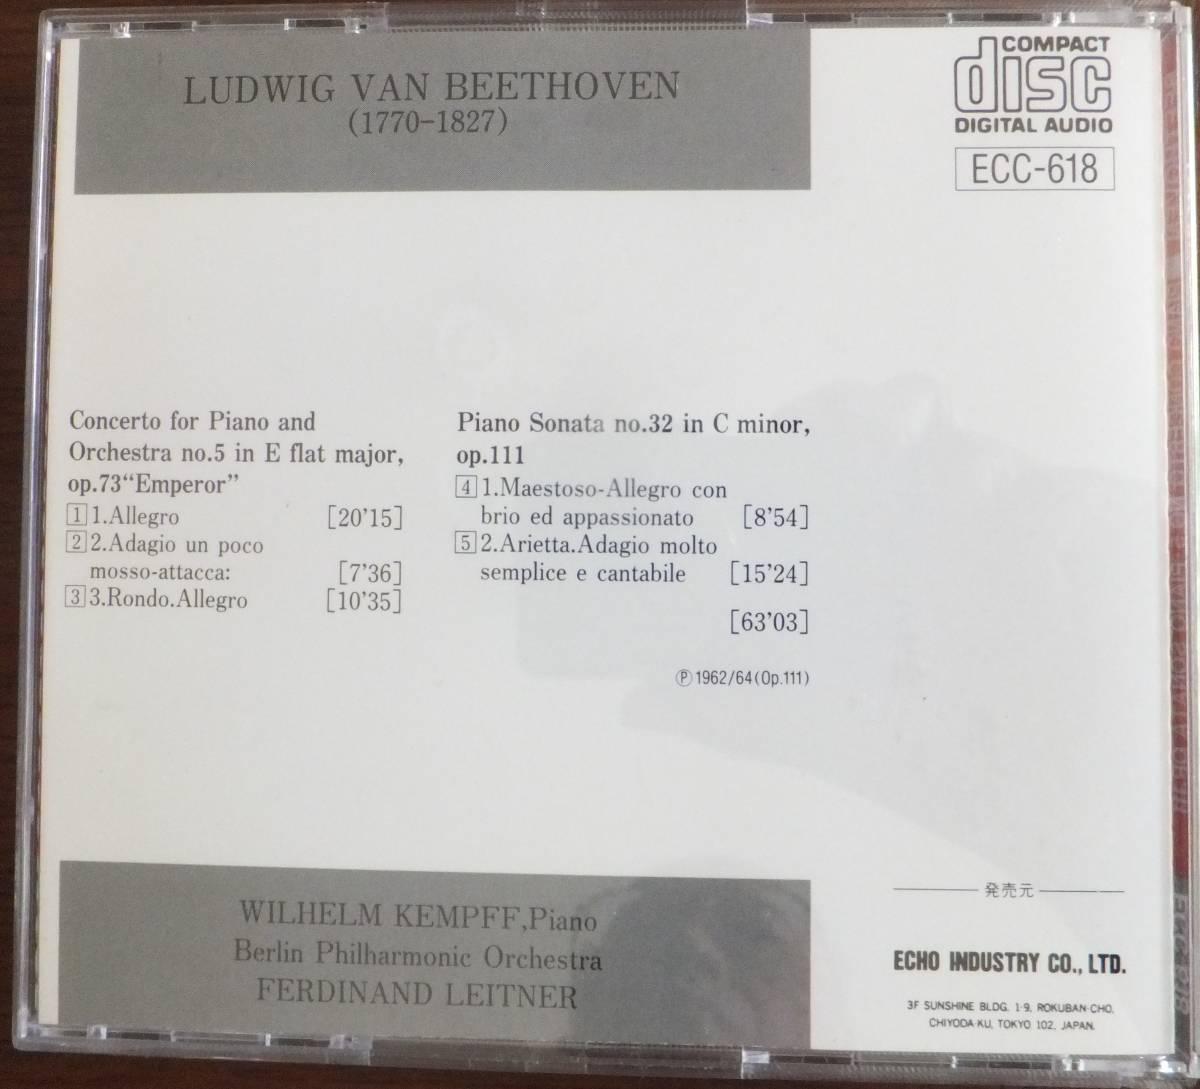 CD ベートーヴェン ピアノ協奏曲第5番「皇帝」:ピアノ・ソナタ第32番 ケンプ(P) ライトナー指揮 ベルリンフィルハーモニー管弦楽団_画像3